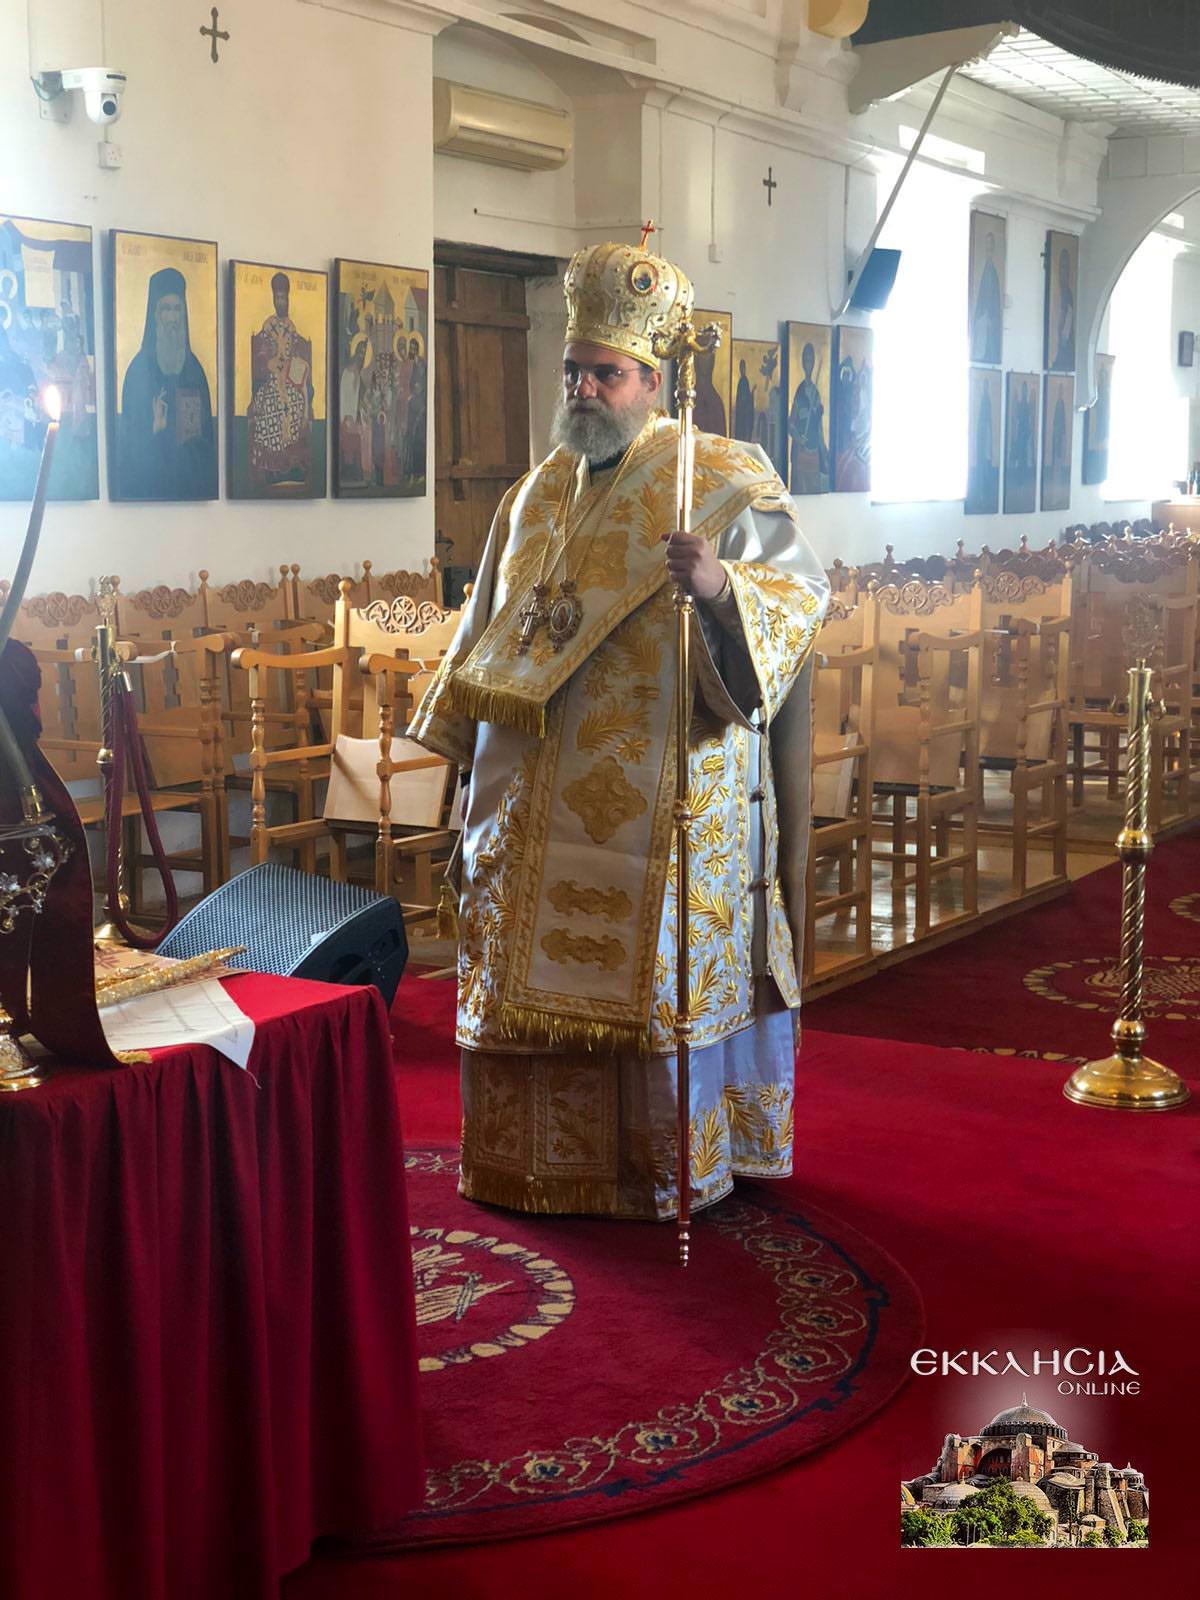 2ο Μνημόσυνο Μητροπολίτου Σισανίου και Σιατίστης Παύλου